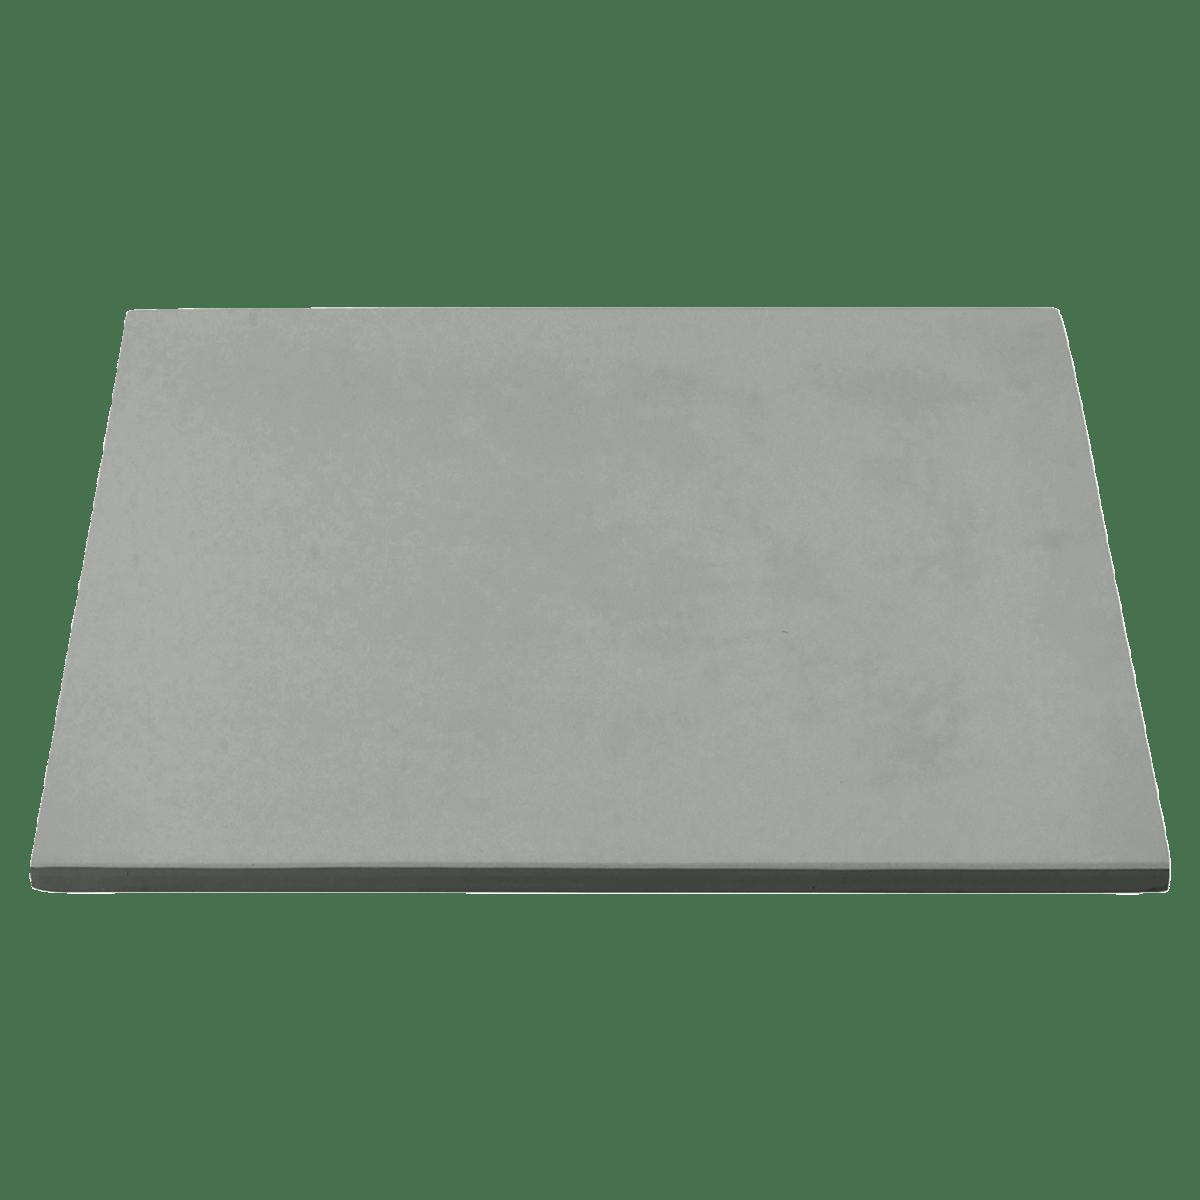 Šedá deska na stůl Concrete 100x100x1,5 cm